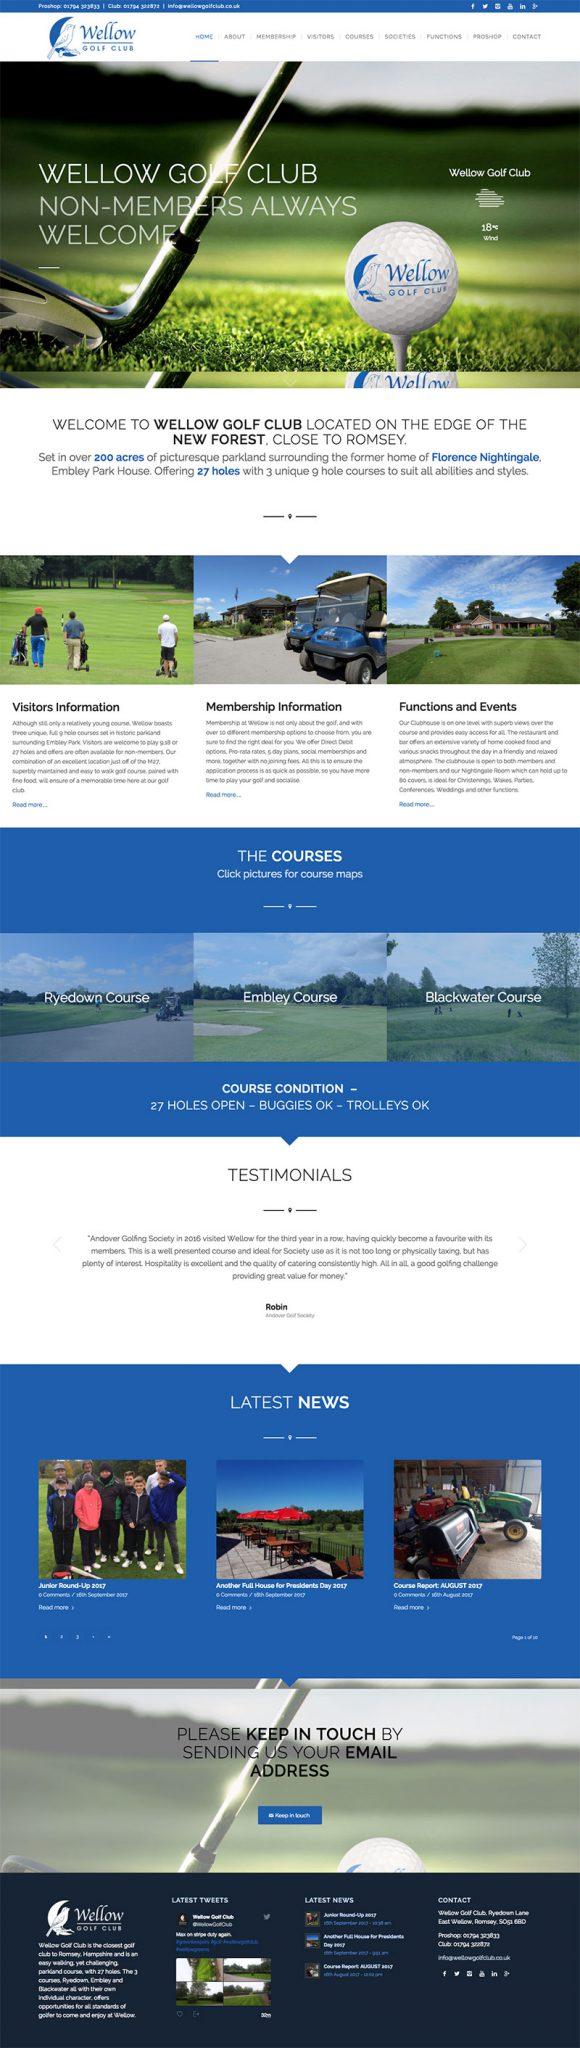 website-design-wellow-golf-club-full